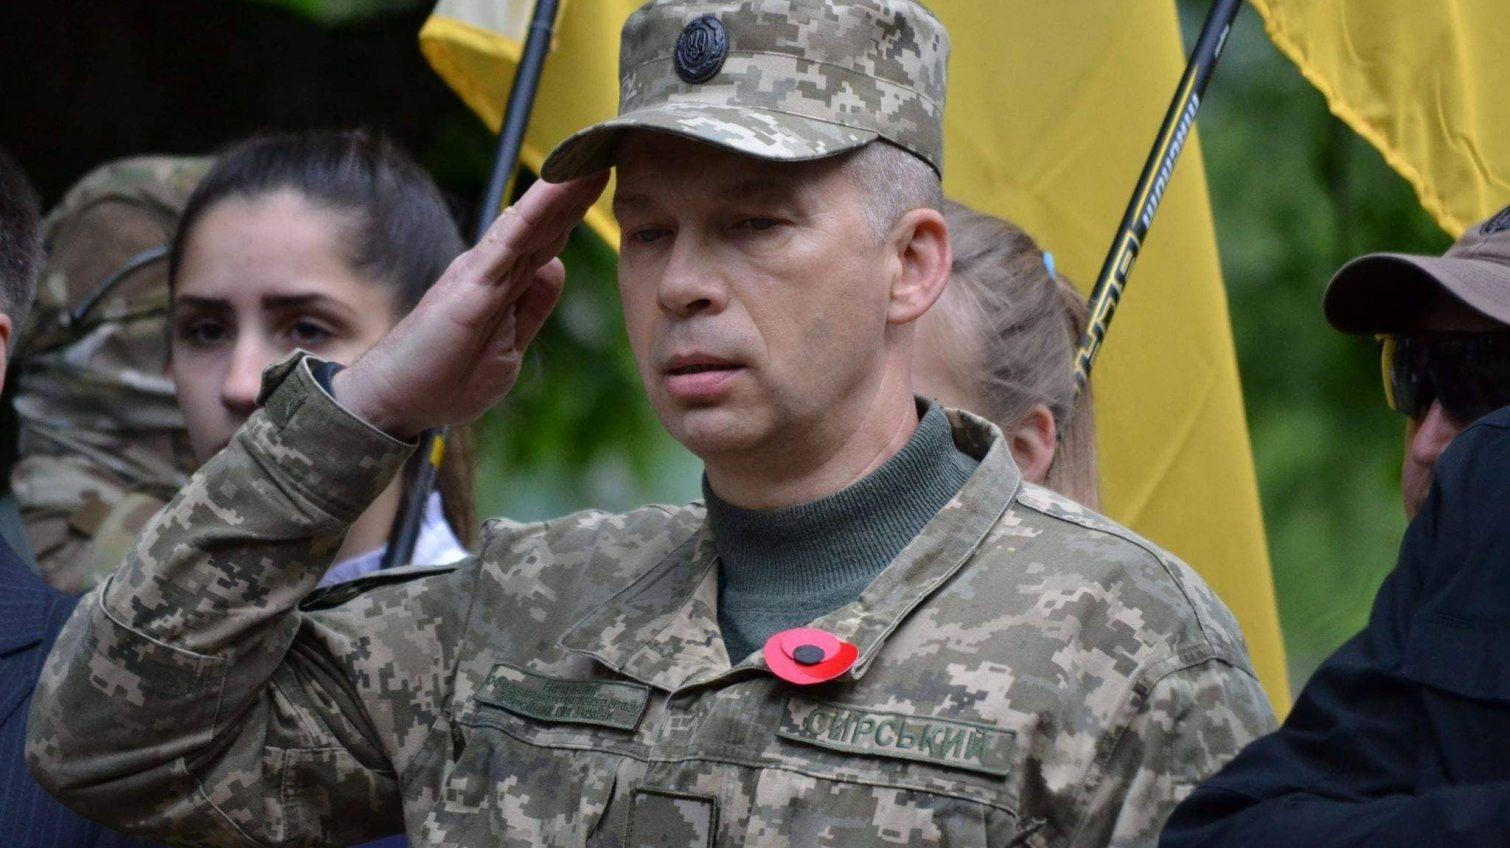 Кадровые перестановки: Зеленский сменил руководителей ООС и Сухопутных войск «фото»